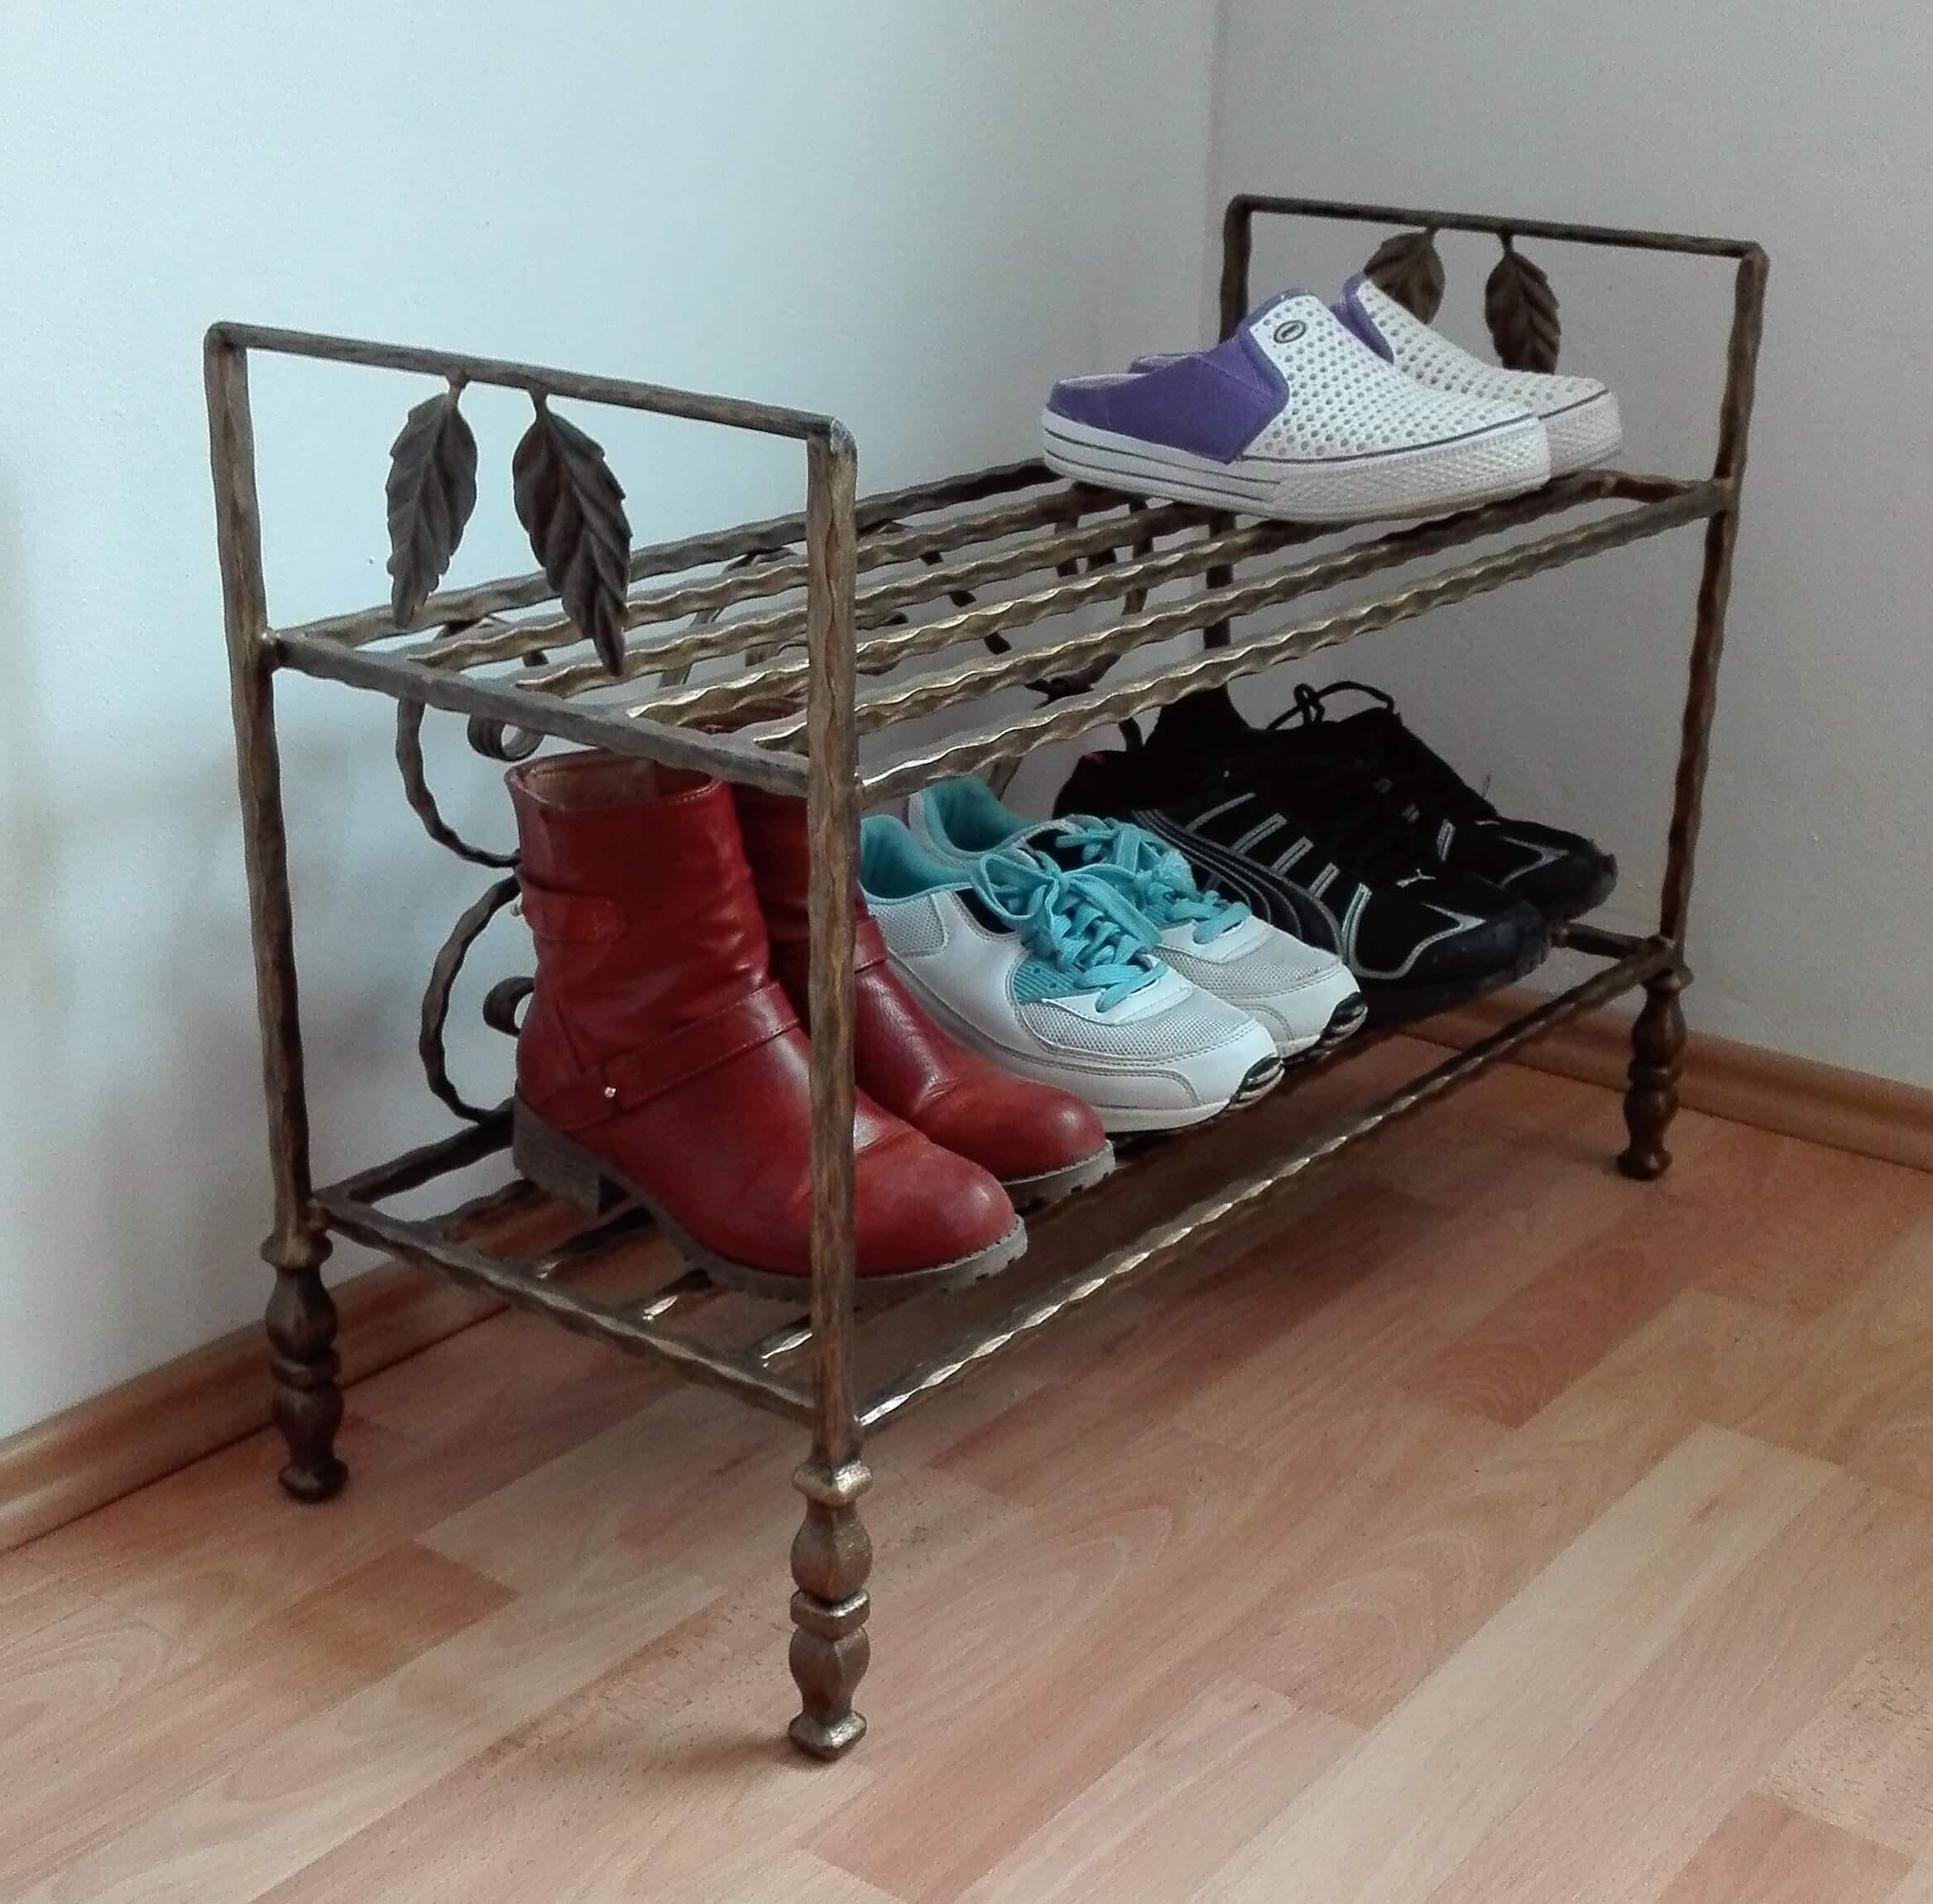 Kovaný botník, Furniture Shoe Rack Organiser Vintage Handmade Shoe Bench Hallway Unit Shoe Storage Stand Schuhregal Organizer Vintage Handgefertigte Schuhbank Flur Einheit Schuhablage Ständer Möbel